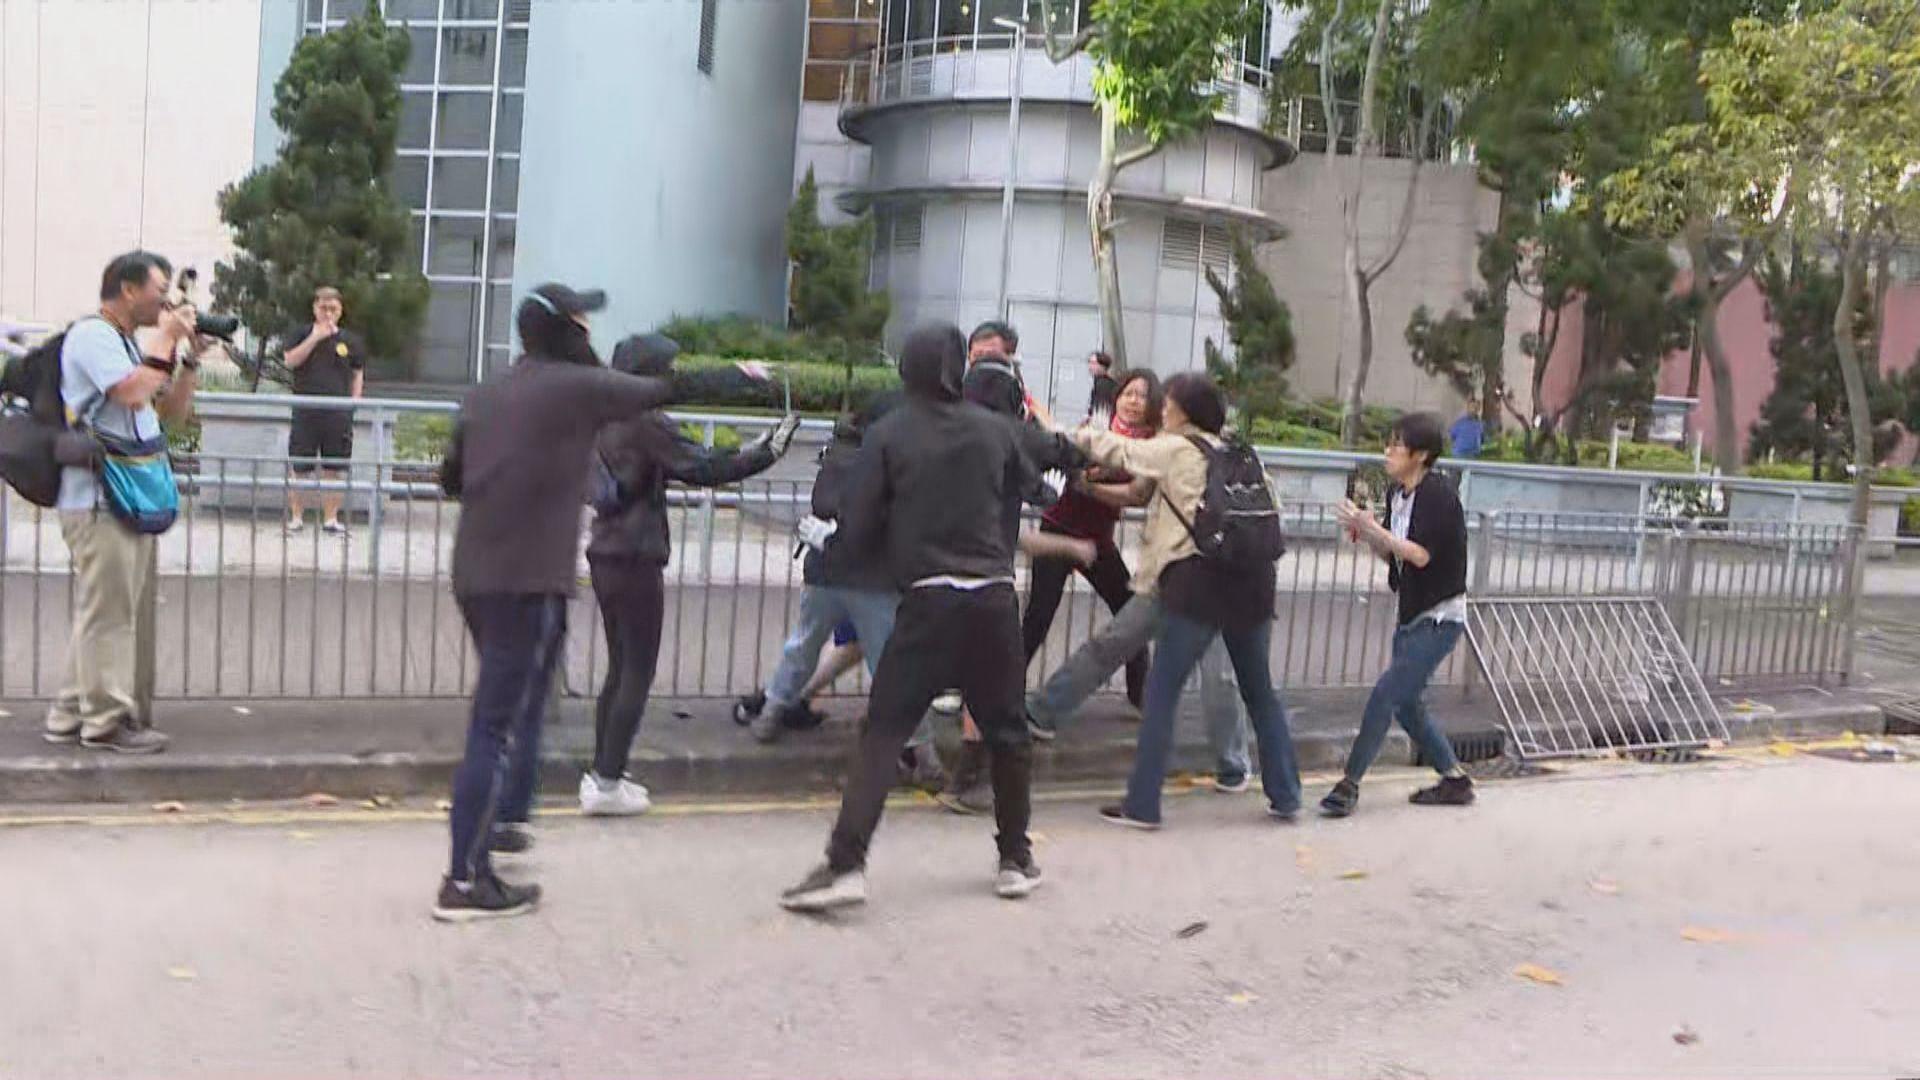 理大外道路仍阻塞 市民清理時與黑衣人衝突